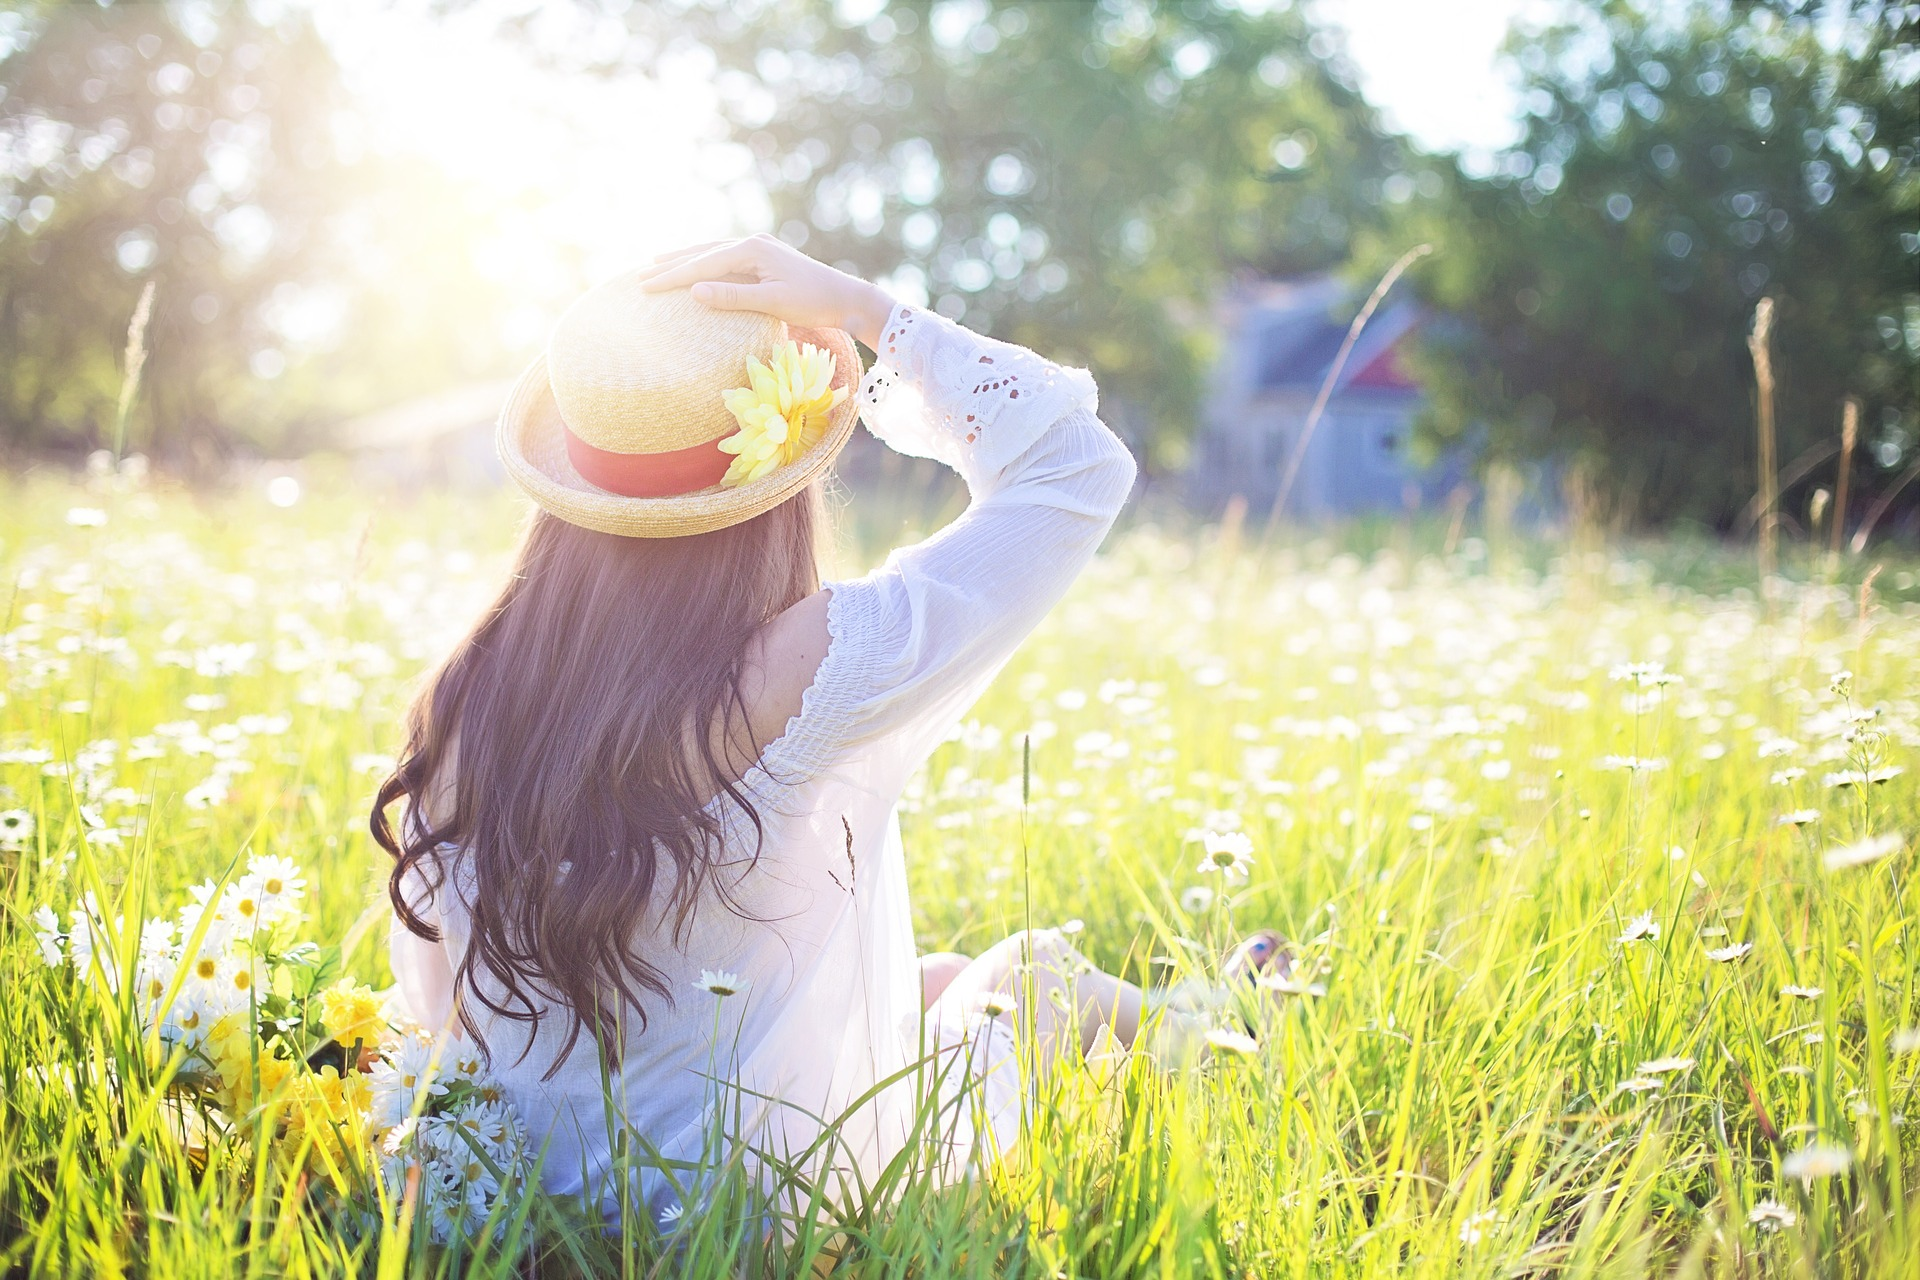 woman in grass summer